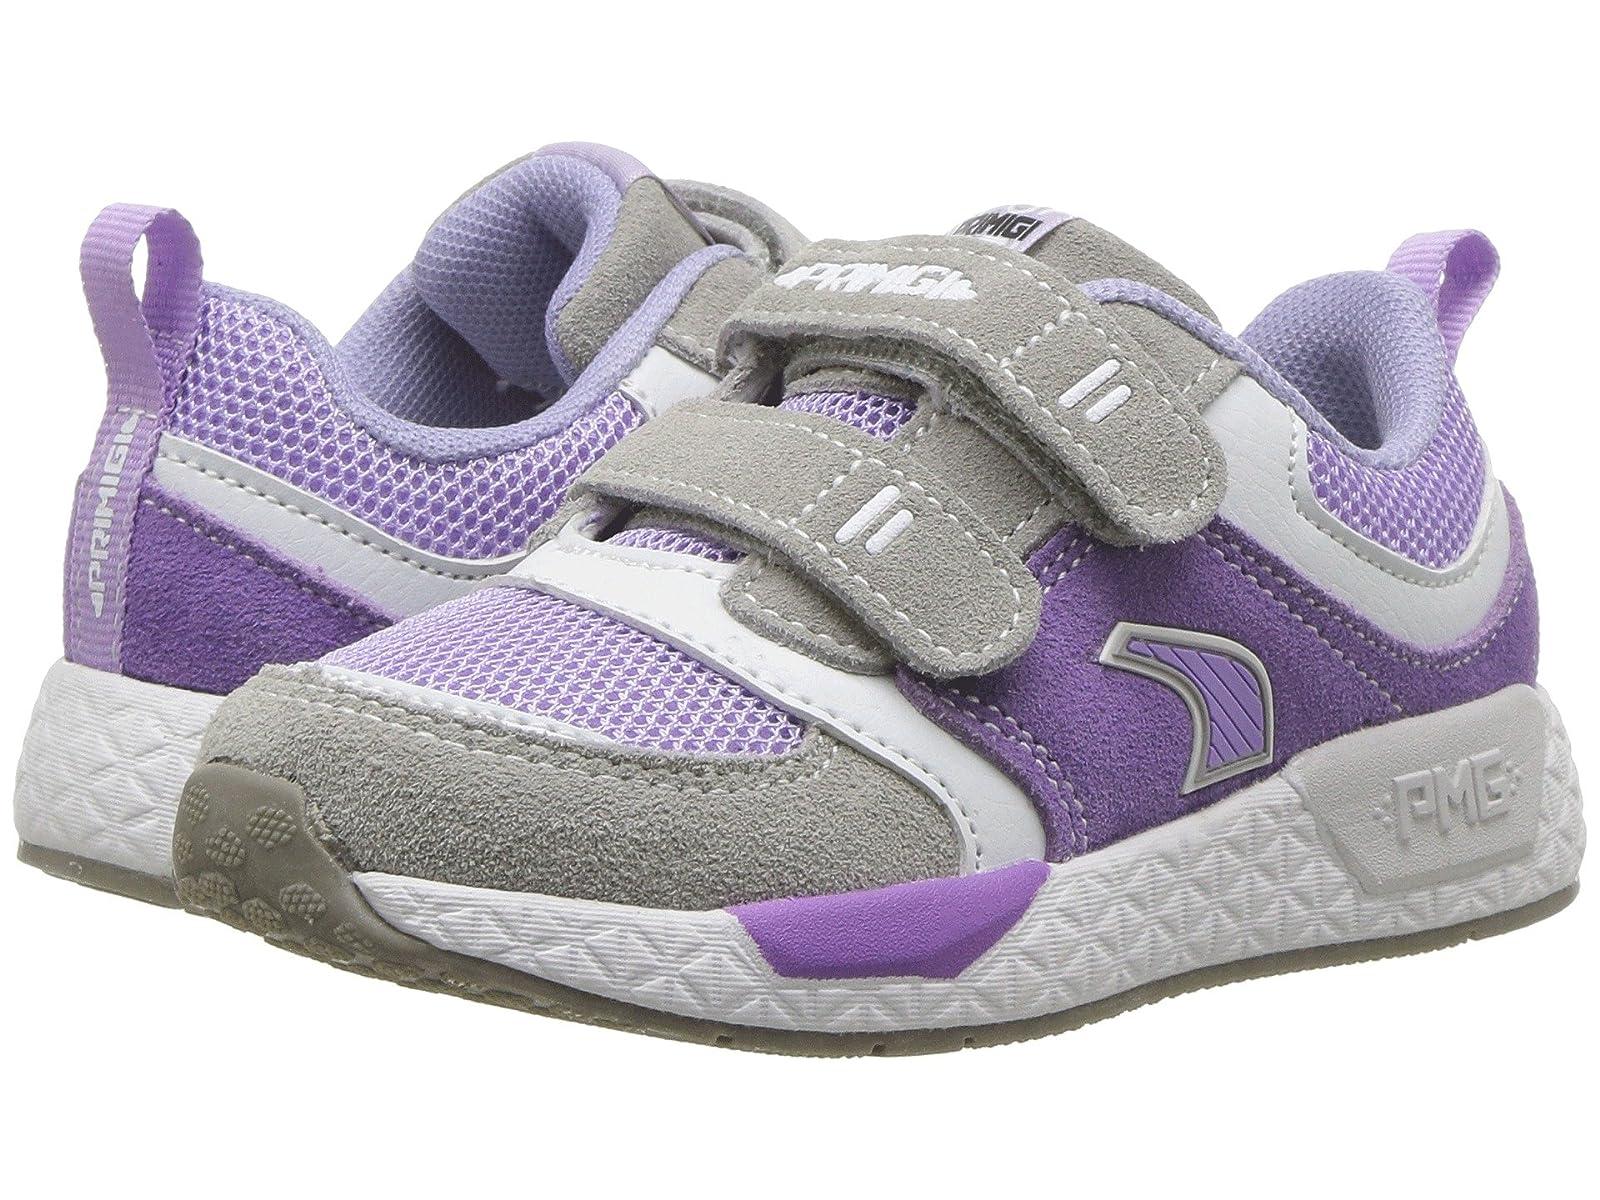 Primigi Kids PBM 14475 (Toddler/Little Kid)Atmospheric grades have affordable shoes